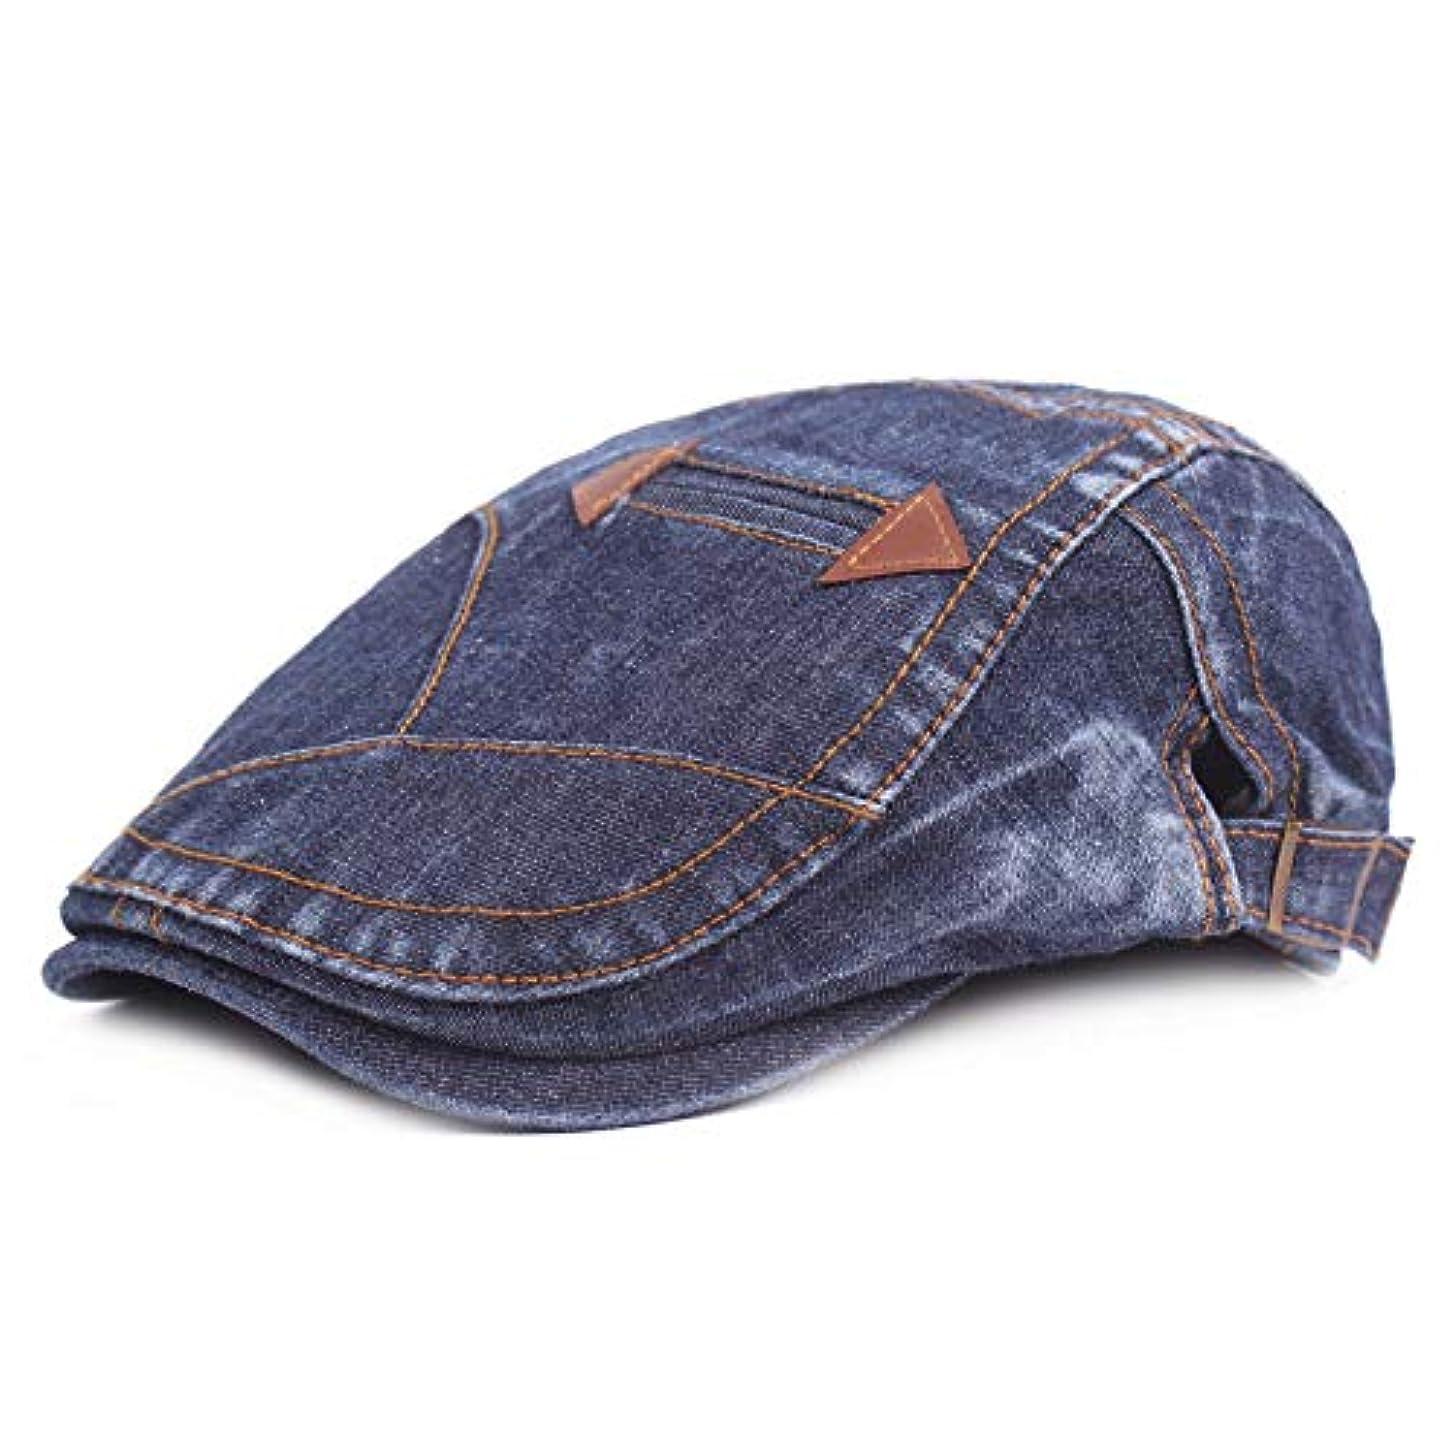 段階禁止するデンプシーベレー帽 ユニセックス おしゃれ 綿 ハンチング帽子 紫外線対策調節可能 日よけ 帽子